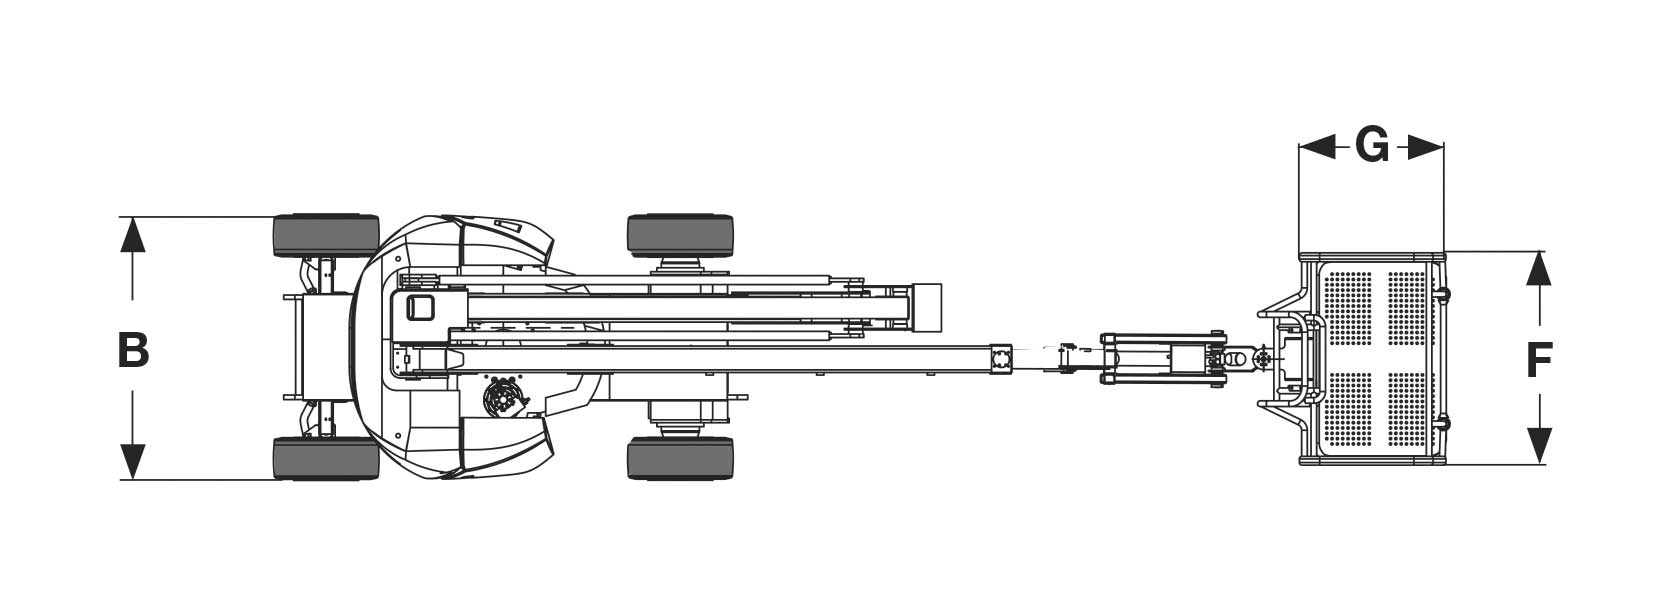 Piattaforma aerea articolata elettrica AE13_2